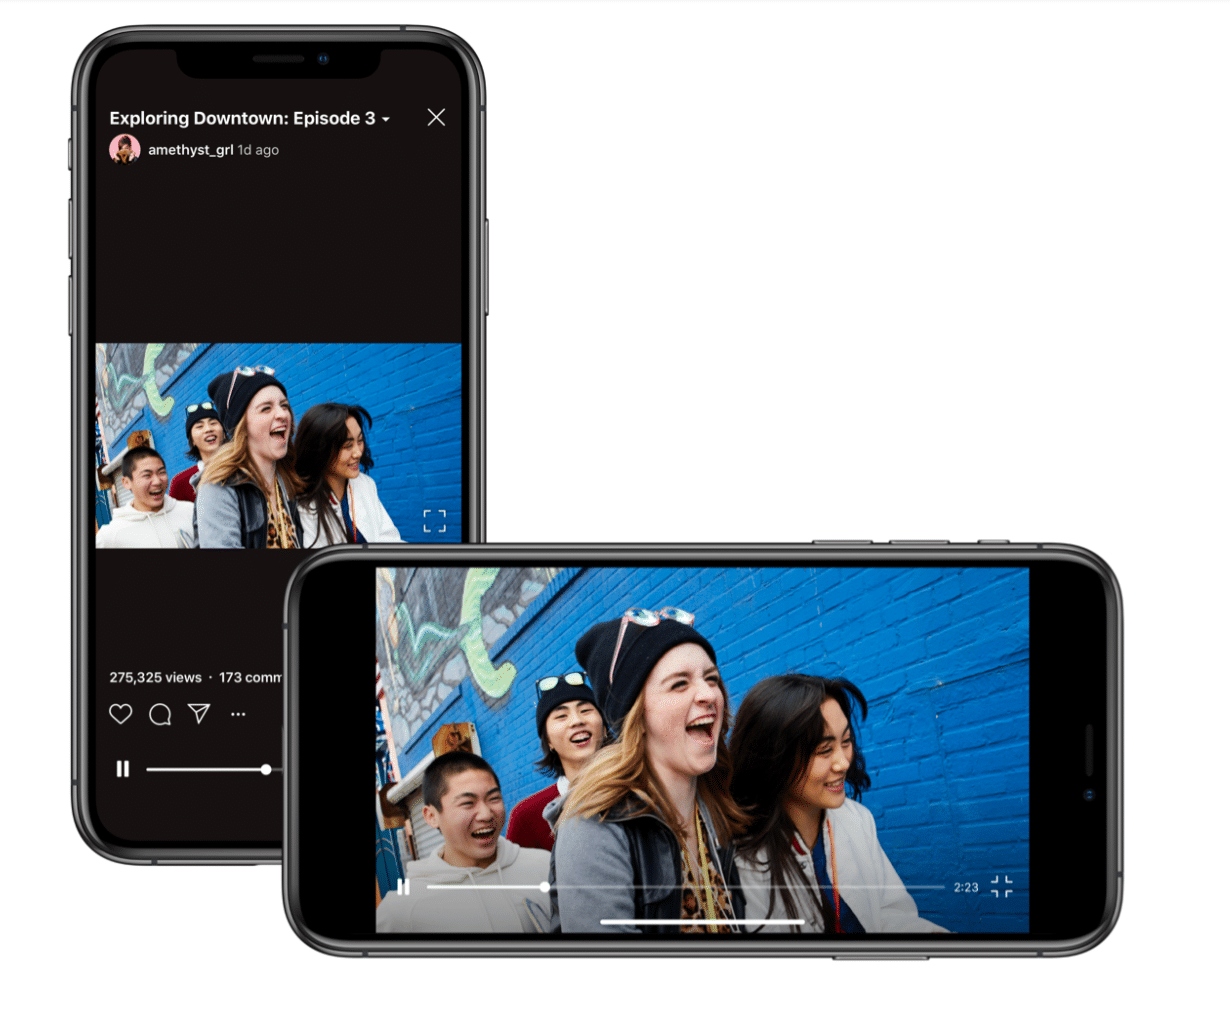 создание видео для мобильной ориентации